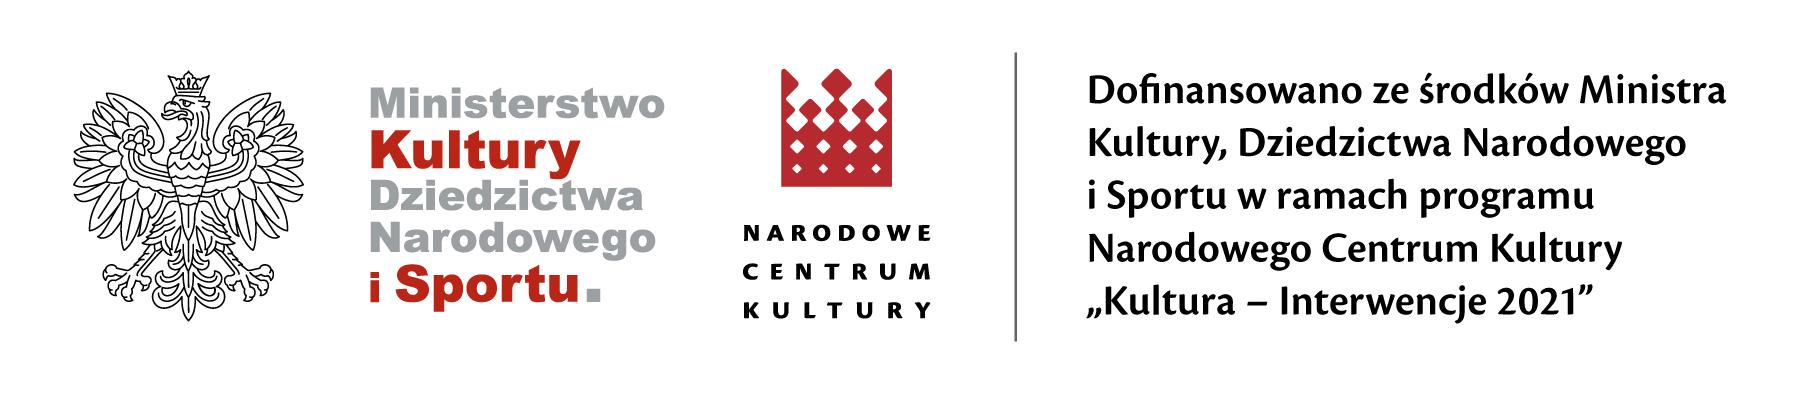 Logo Ministerstwa Kultury i Dziedzictwa Narodowego oraz logo - Narodowe Centrum Kultury.